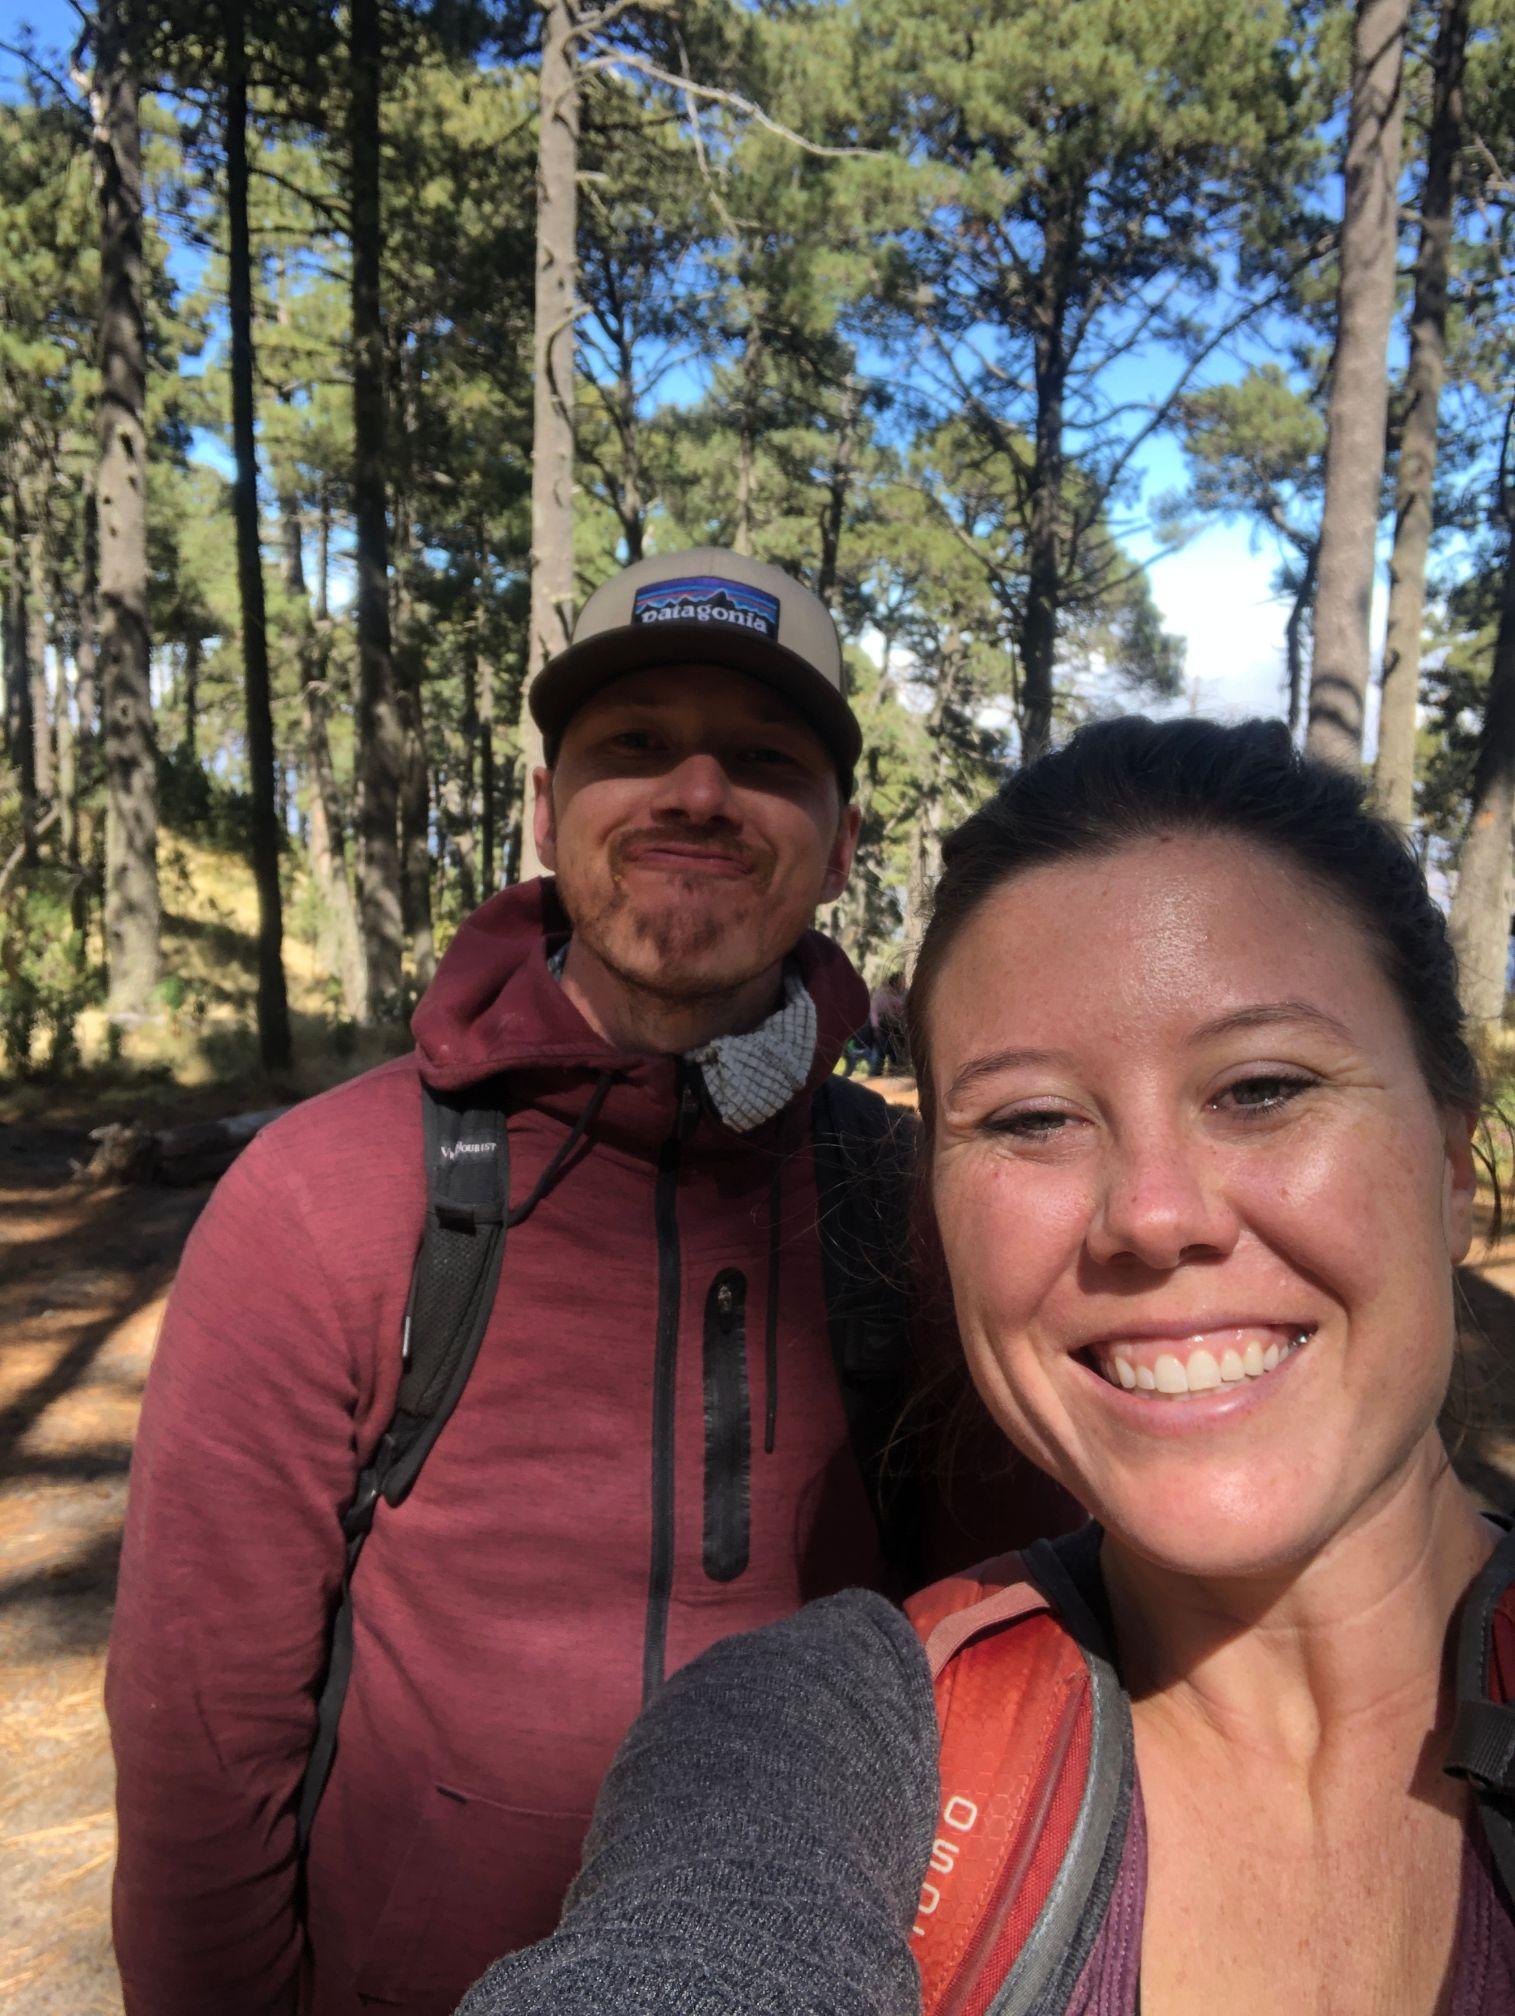 Dan and DI selfie in Malinche National Park